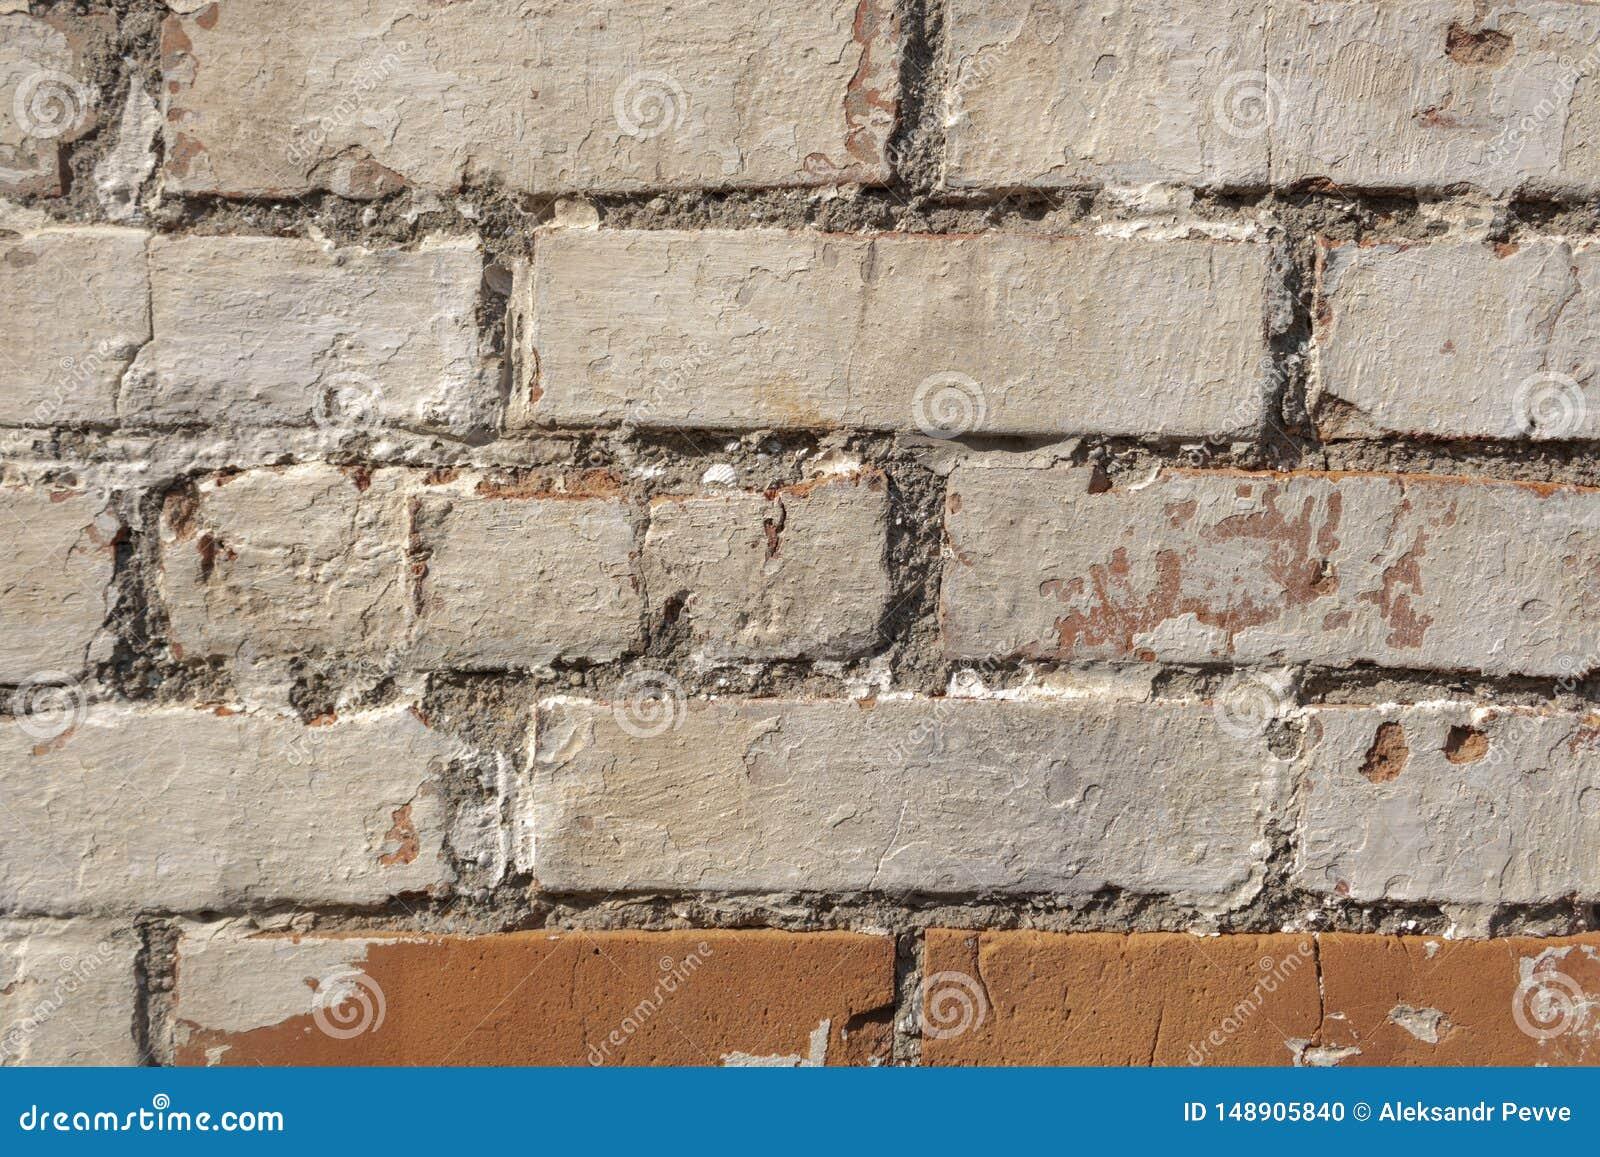 Un Mur Des Briques A Les Signes Clairs Des Effets Du Temps